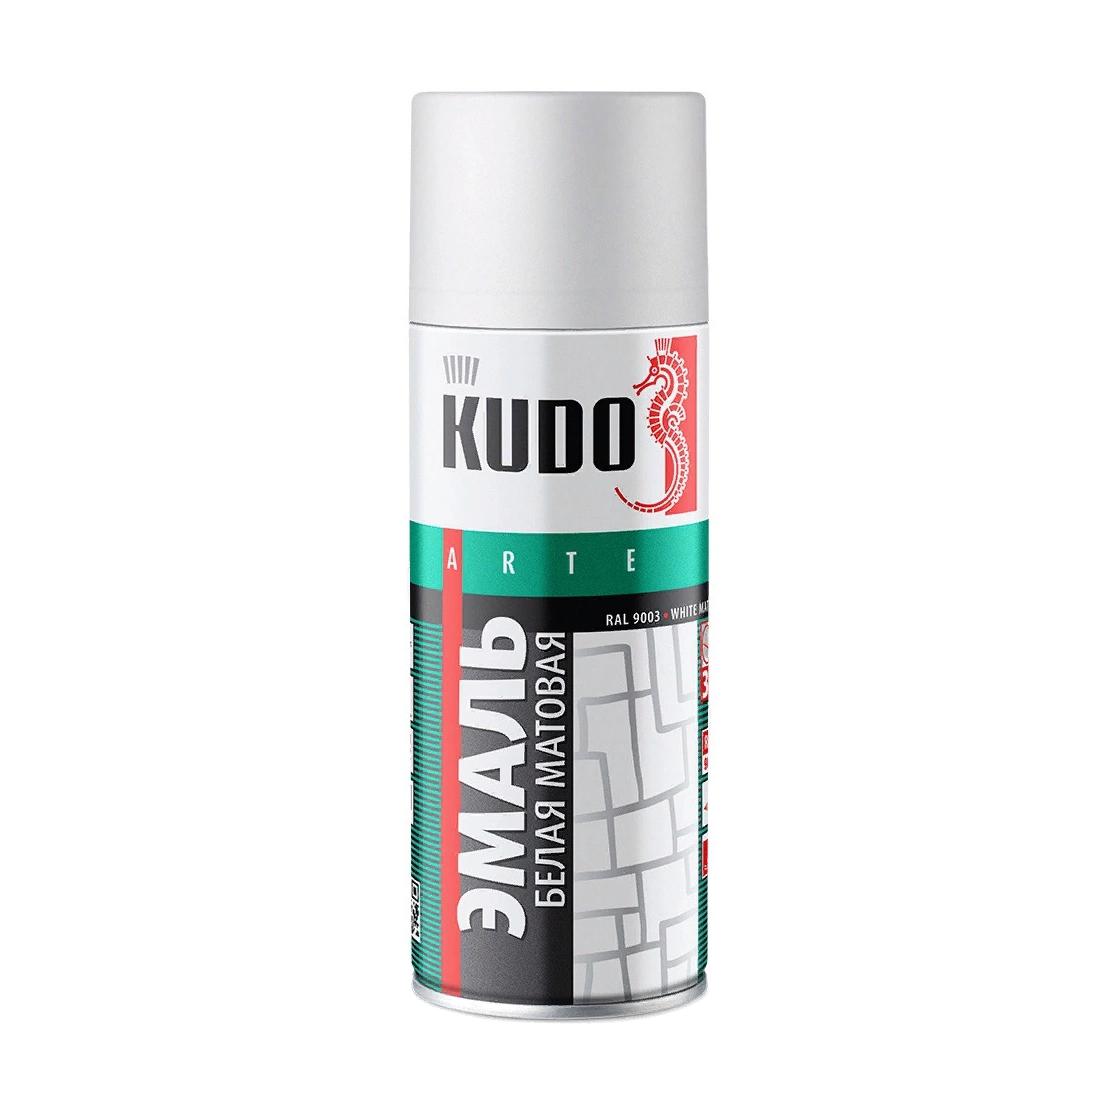 Эмаль Kudo универсальная белая матовая 520 мл эмаль аэрозольная kudo 1026 универсальная 520 мл серебро арт эк000013304